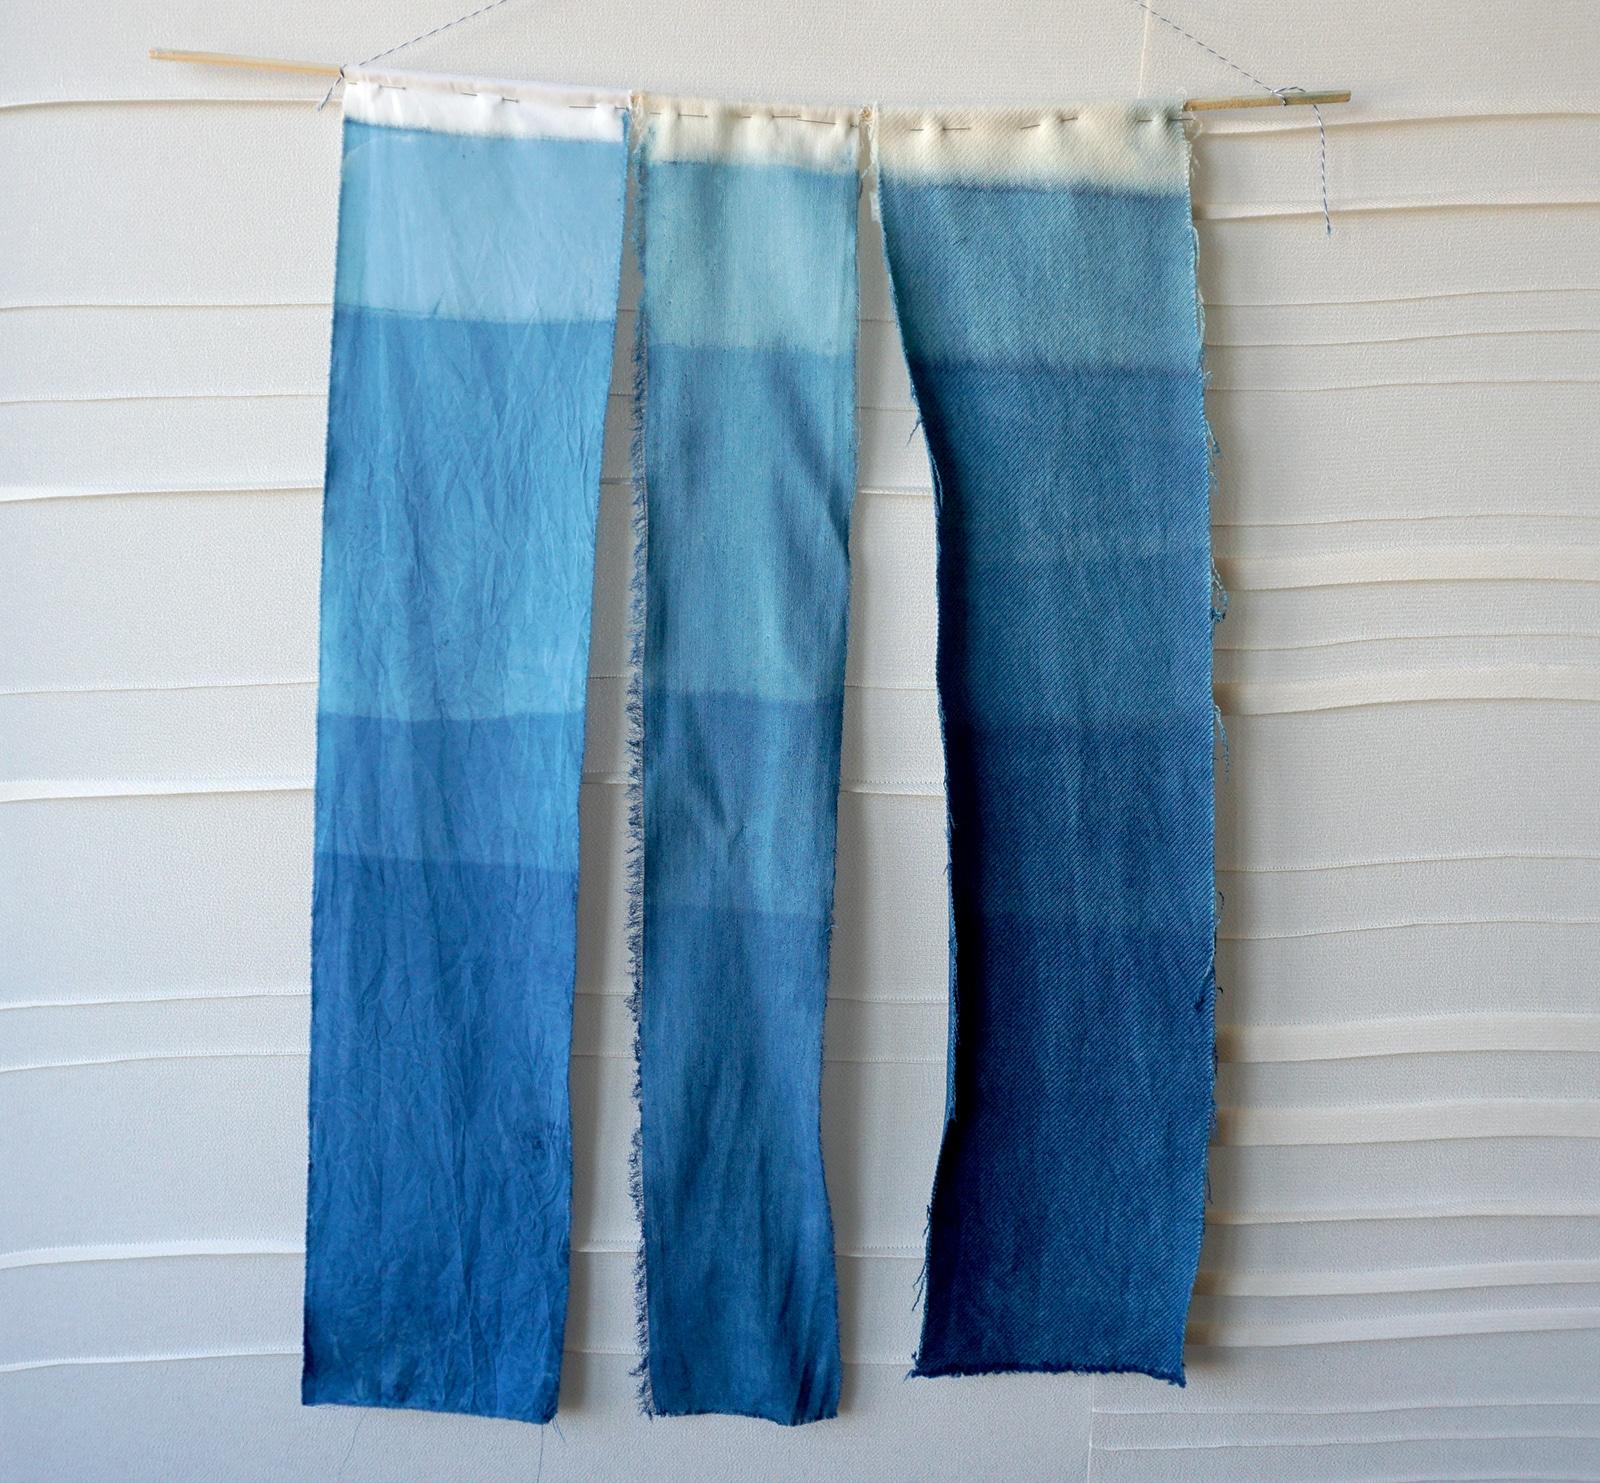 Echantillons de teinture bleue – Indigo – Atelier A Guery – Projet Bleu – Studio sur-mesure